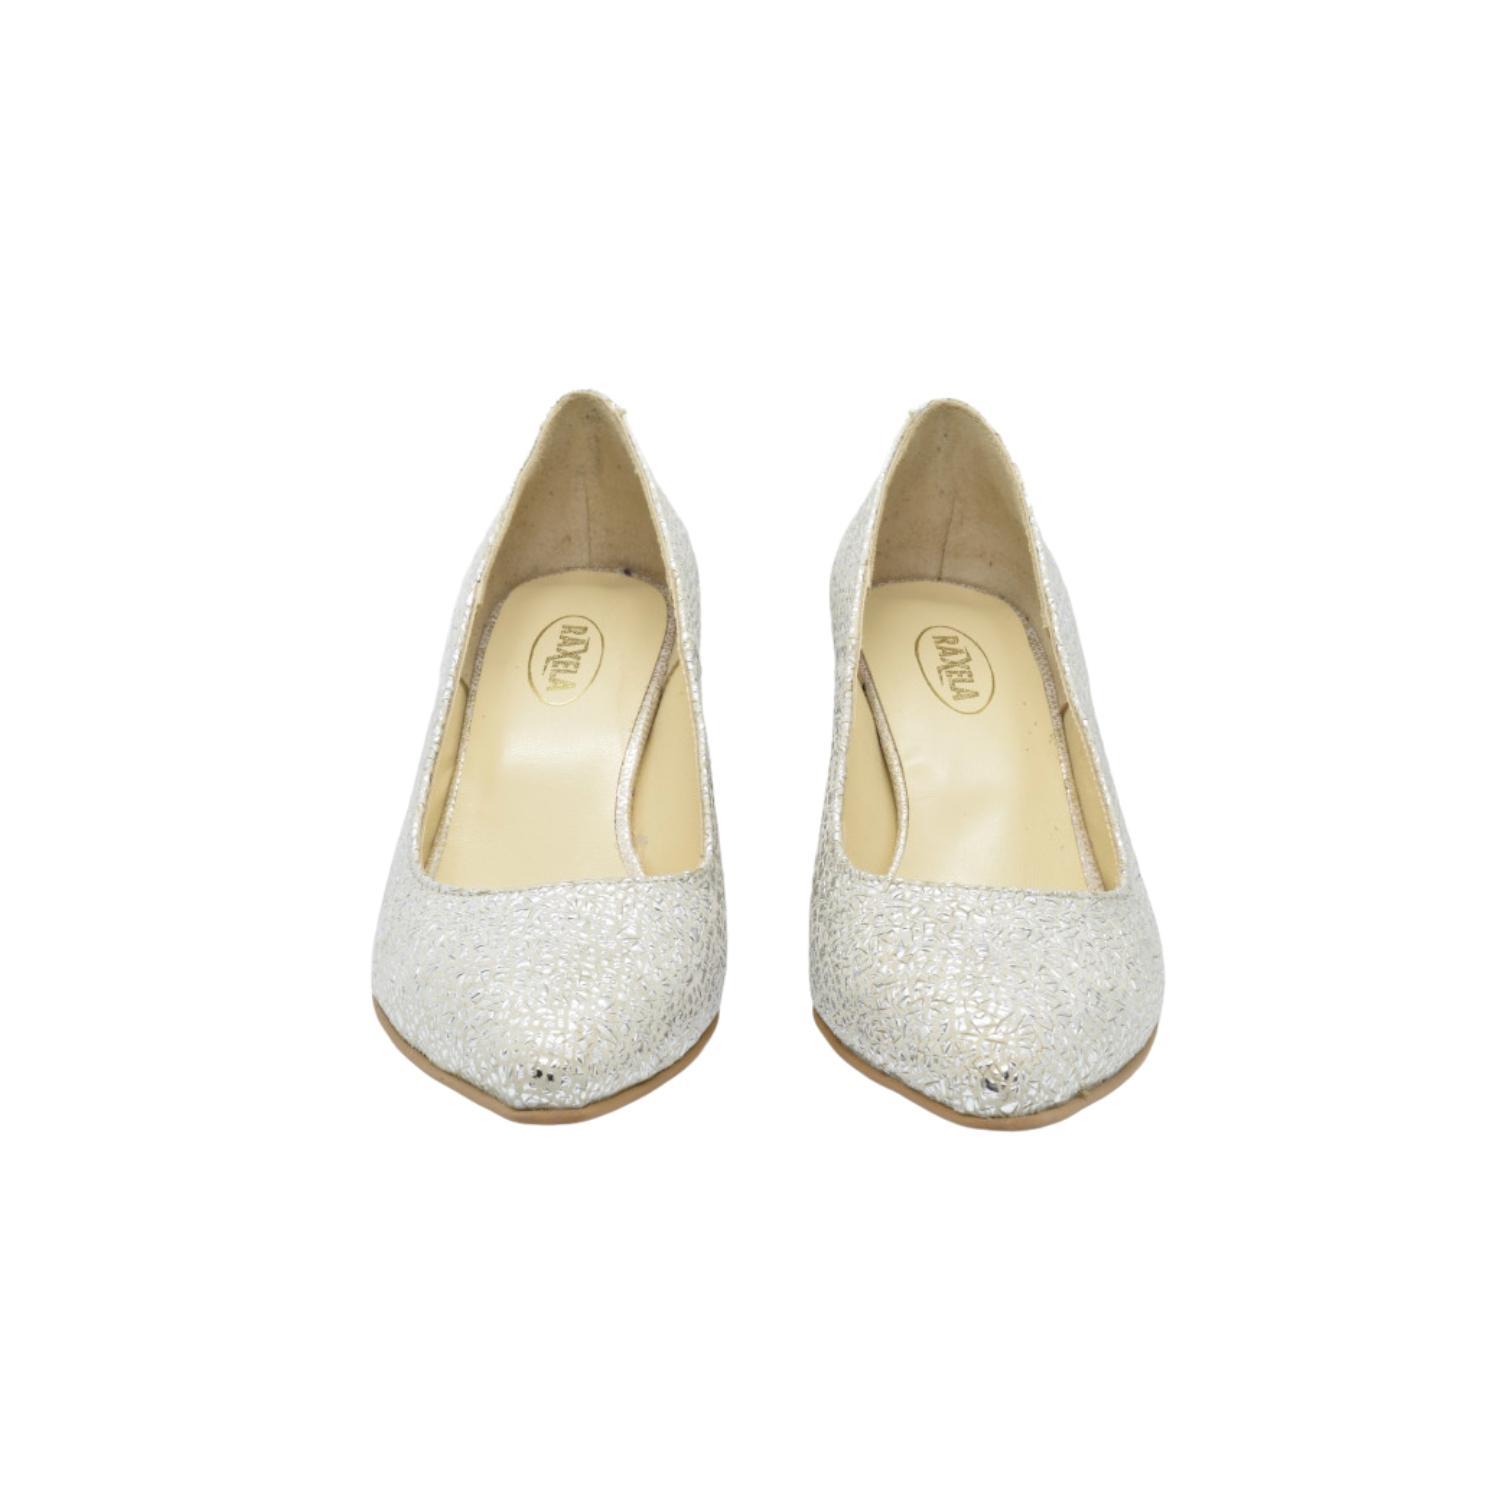 Pantofi bej cu imprimeu si toc stilizat